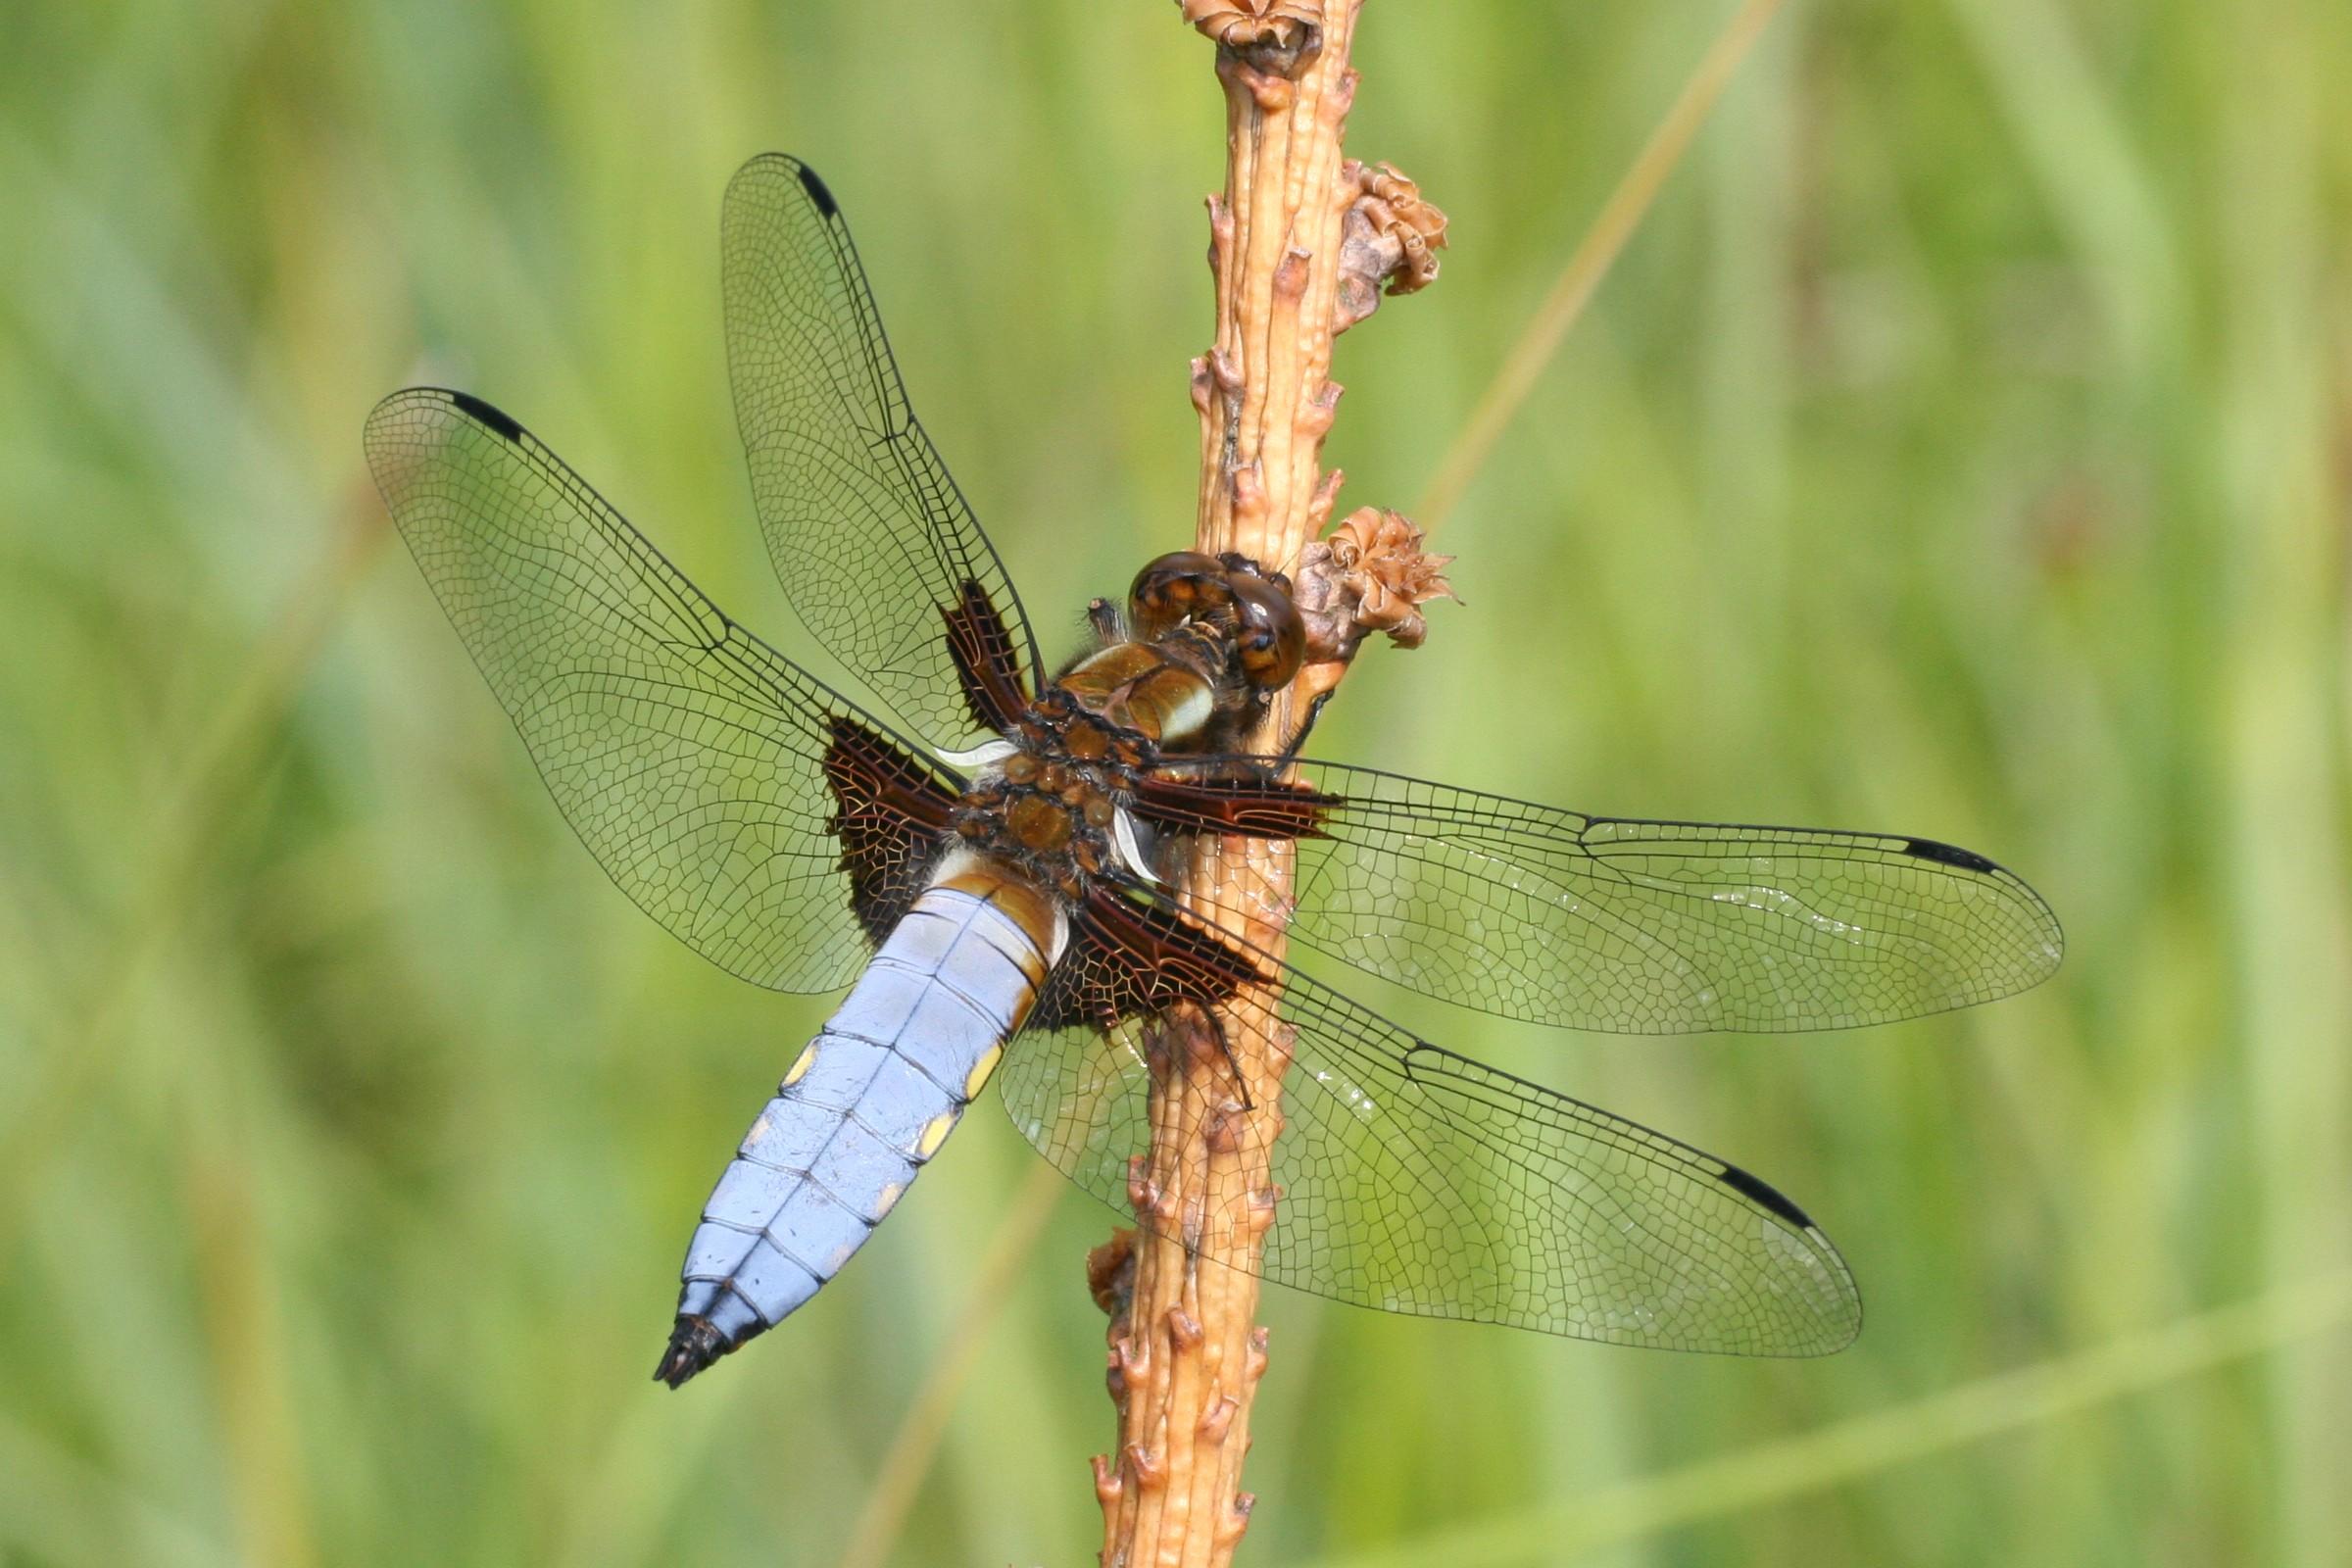 File:Libellula depressa male Weinsberg 20080629 1.jpg - Wikimedia Commons